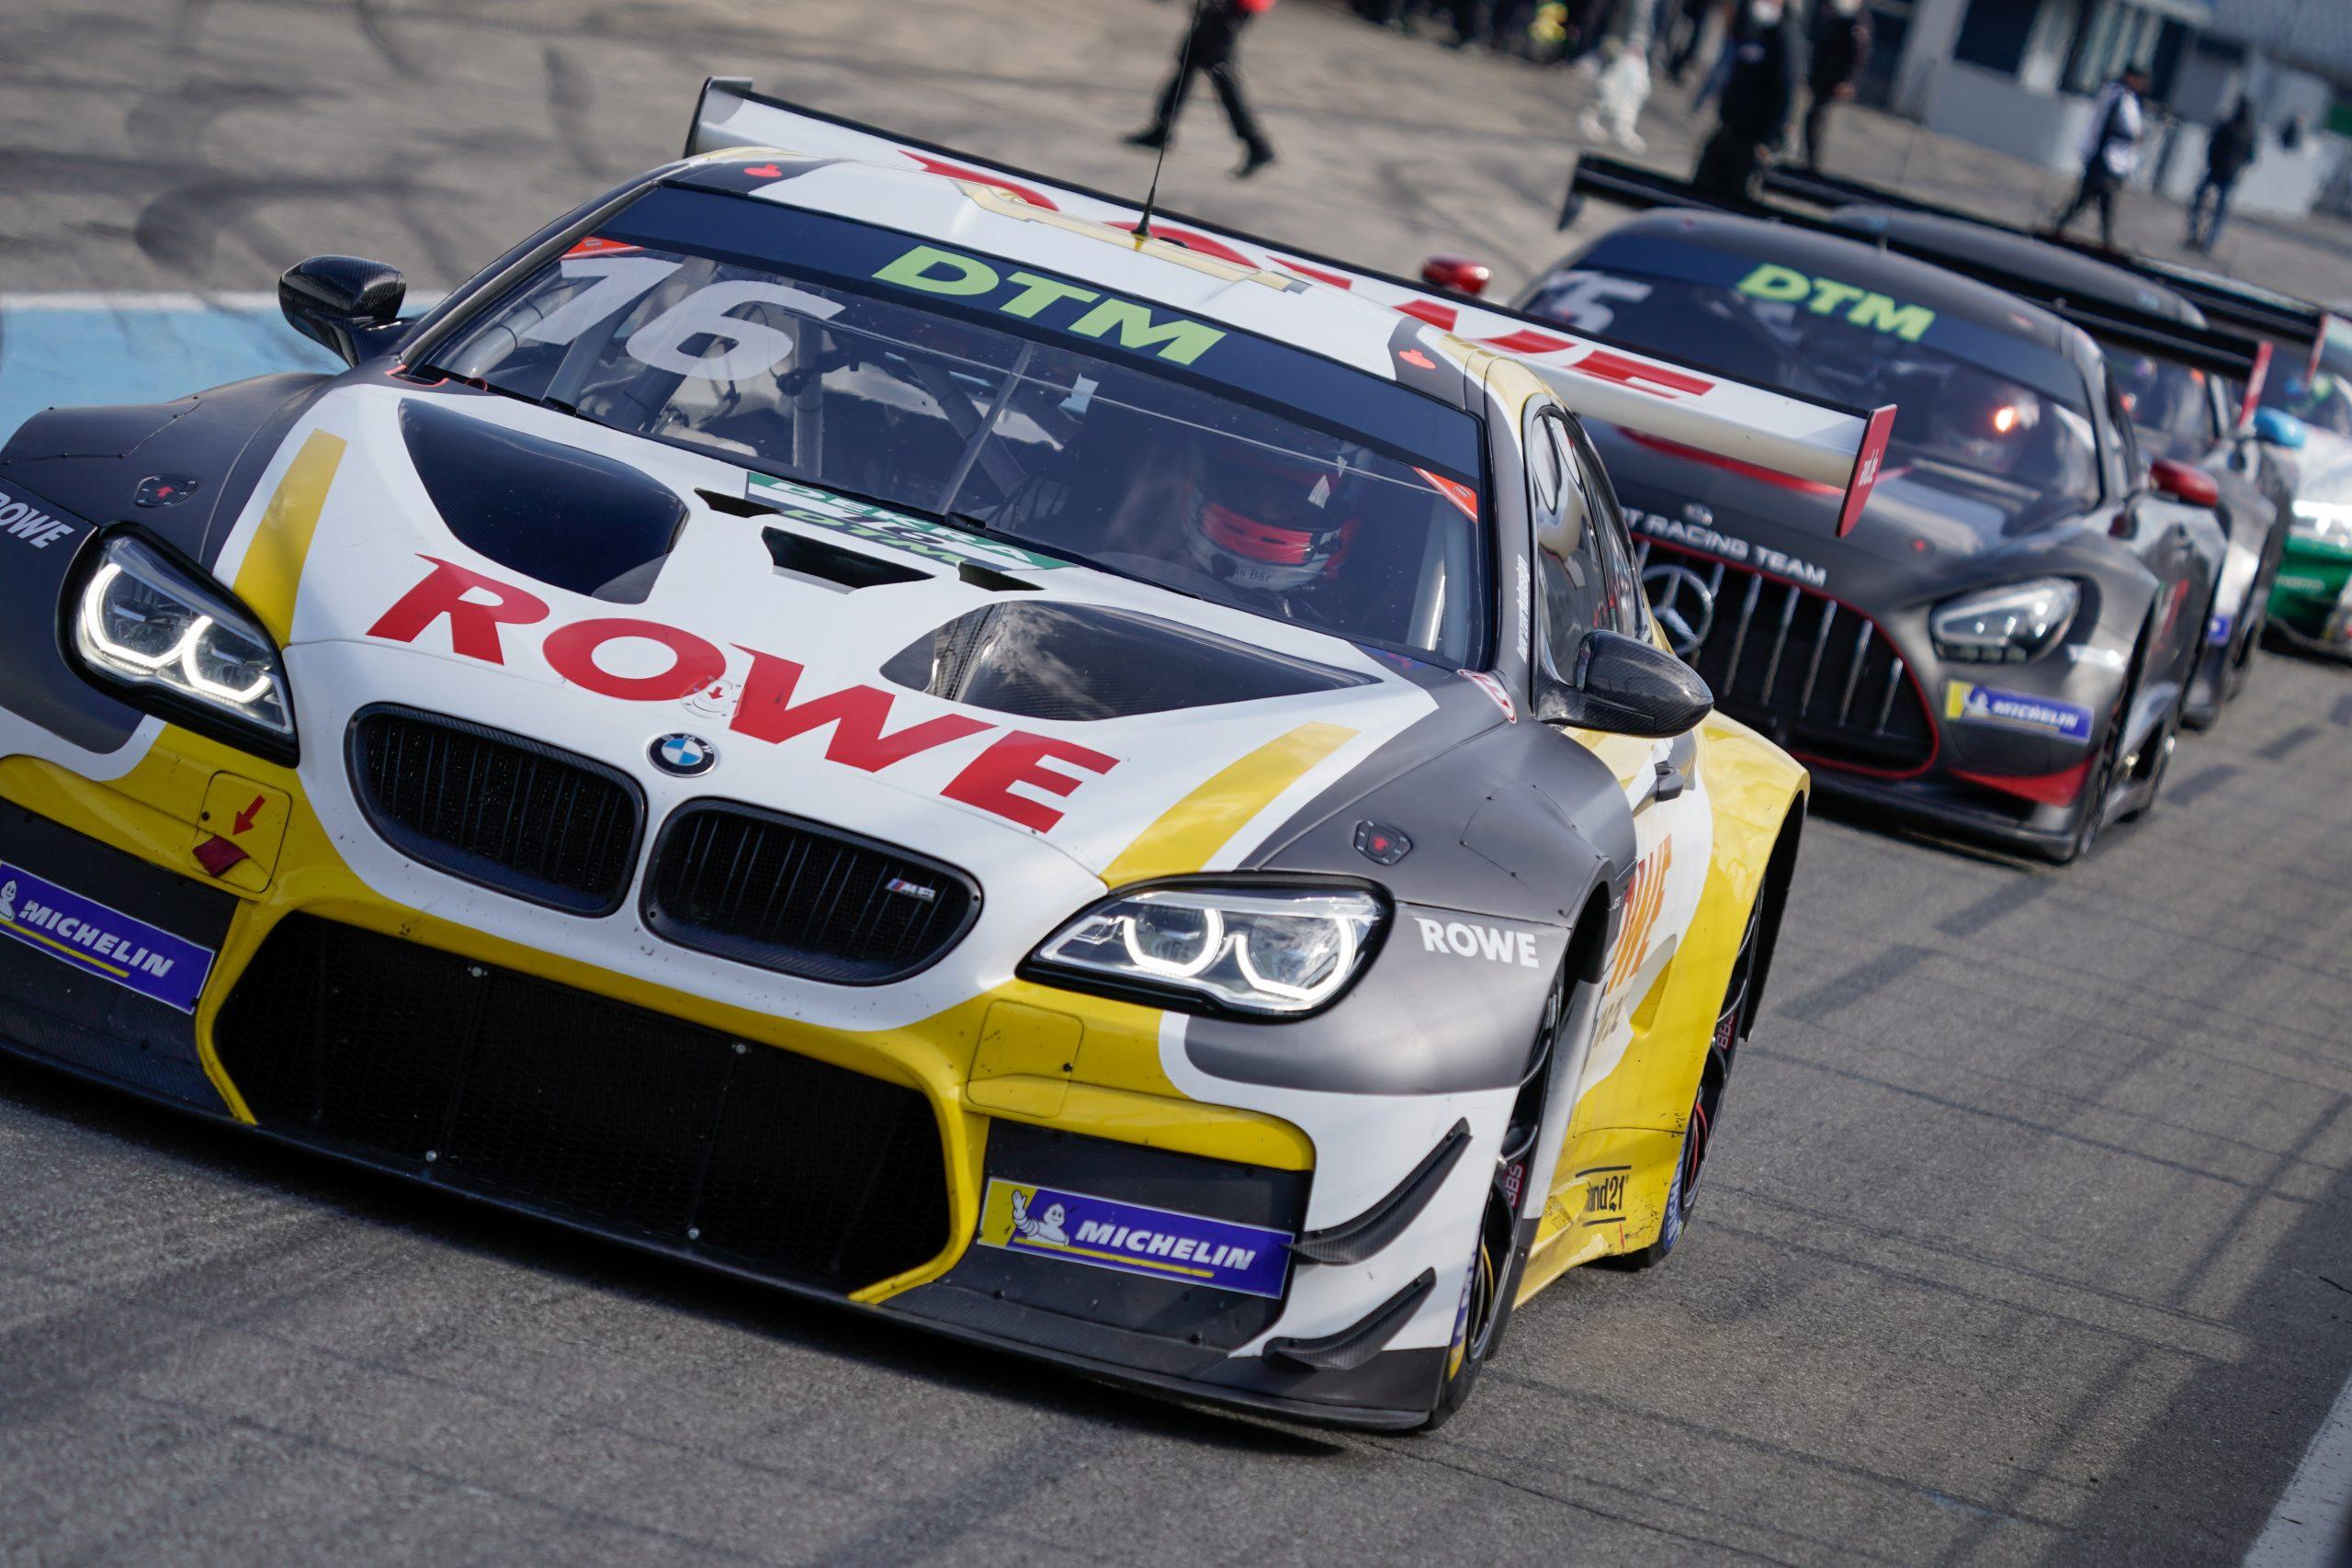 Starterfeld der DTM 2021 mit 19 Fahrern und fünf Marken ...